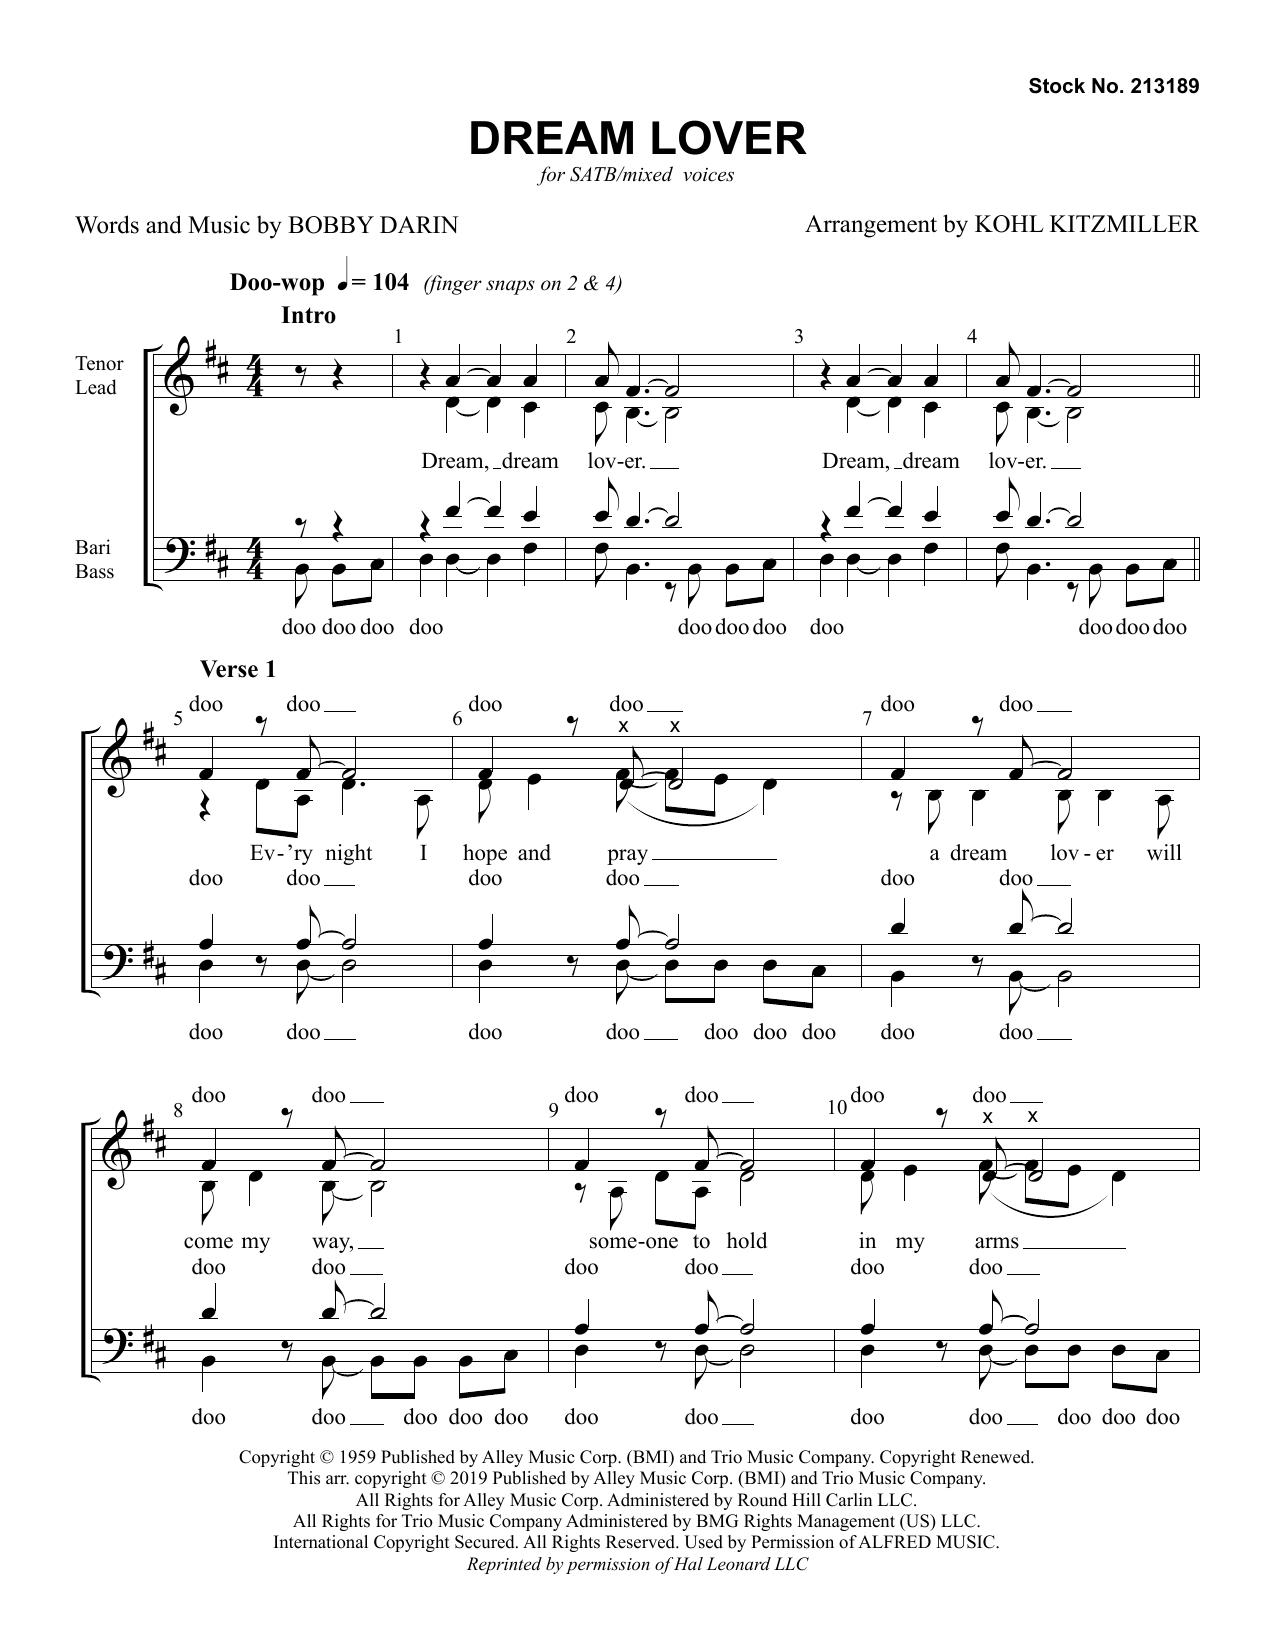 Dream Lover (arr. Kohl Kitzmiller) (SATB Choir)